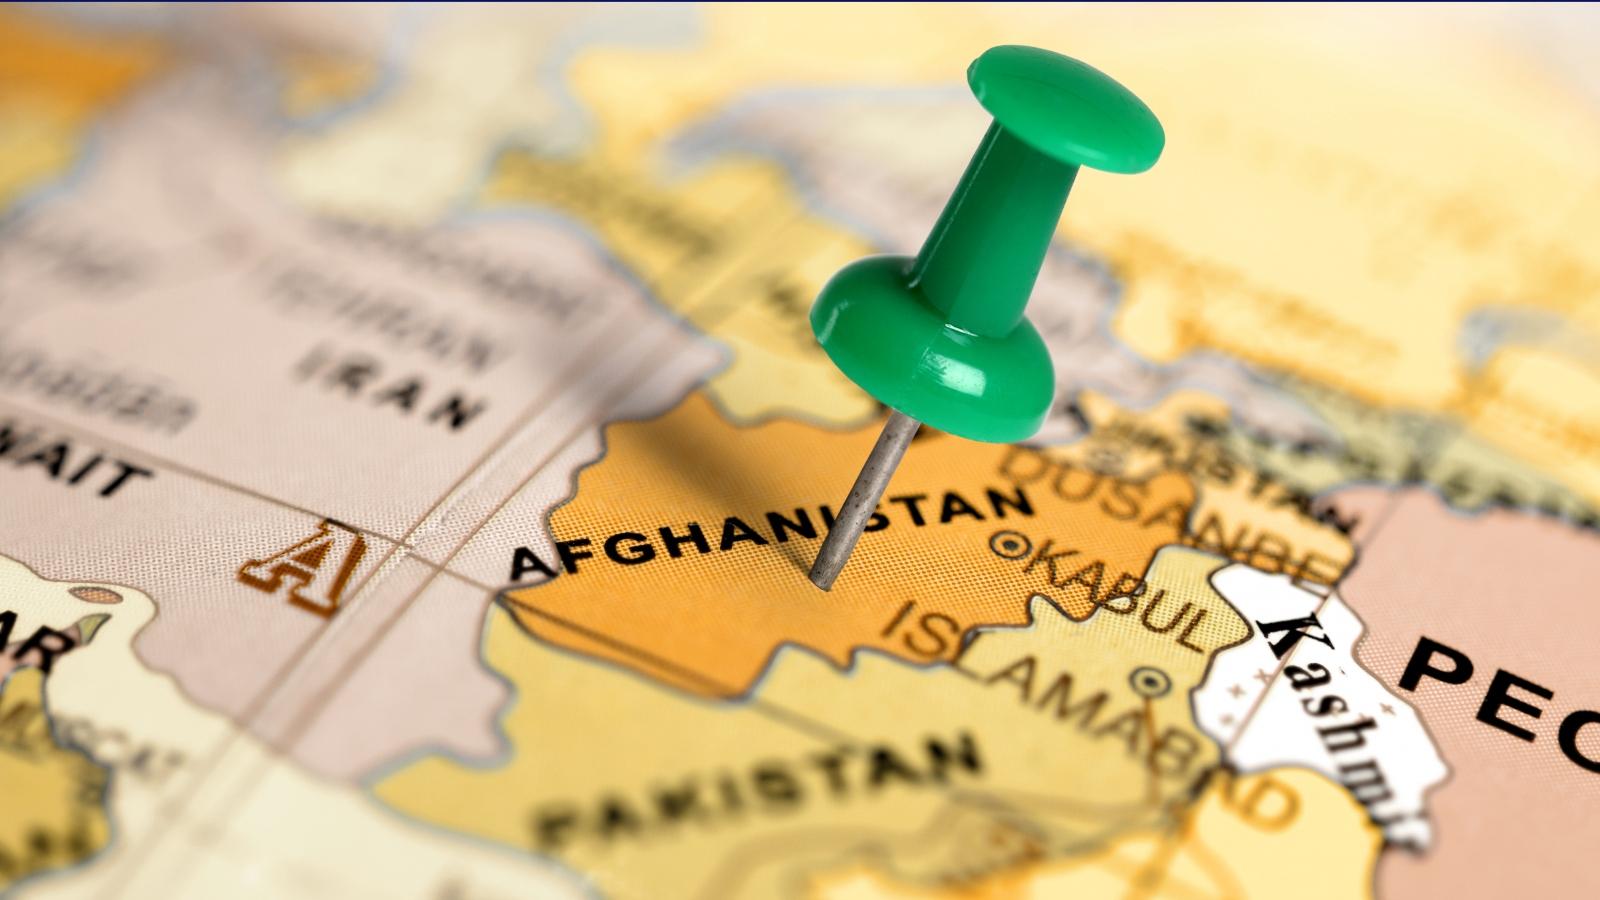 Vành đai và Con đường ở Afghanistan: Trung Quốc gặp khó cả về ngoại giao và thực tế